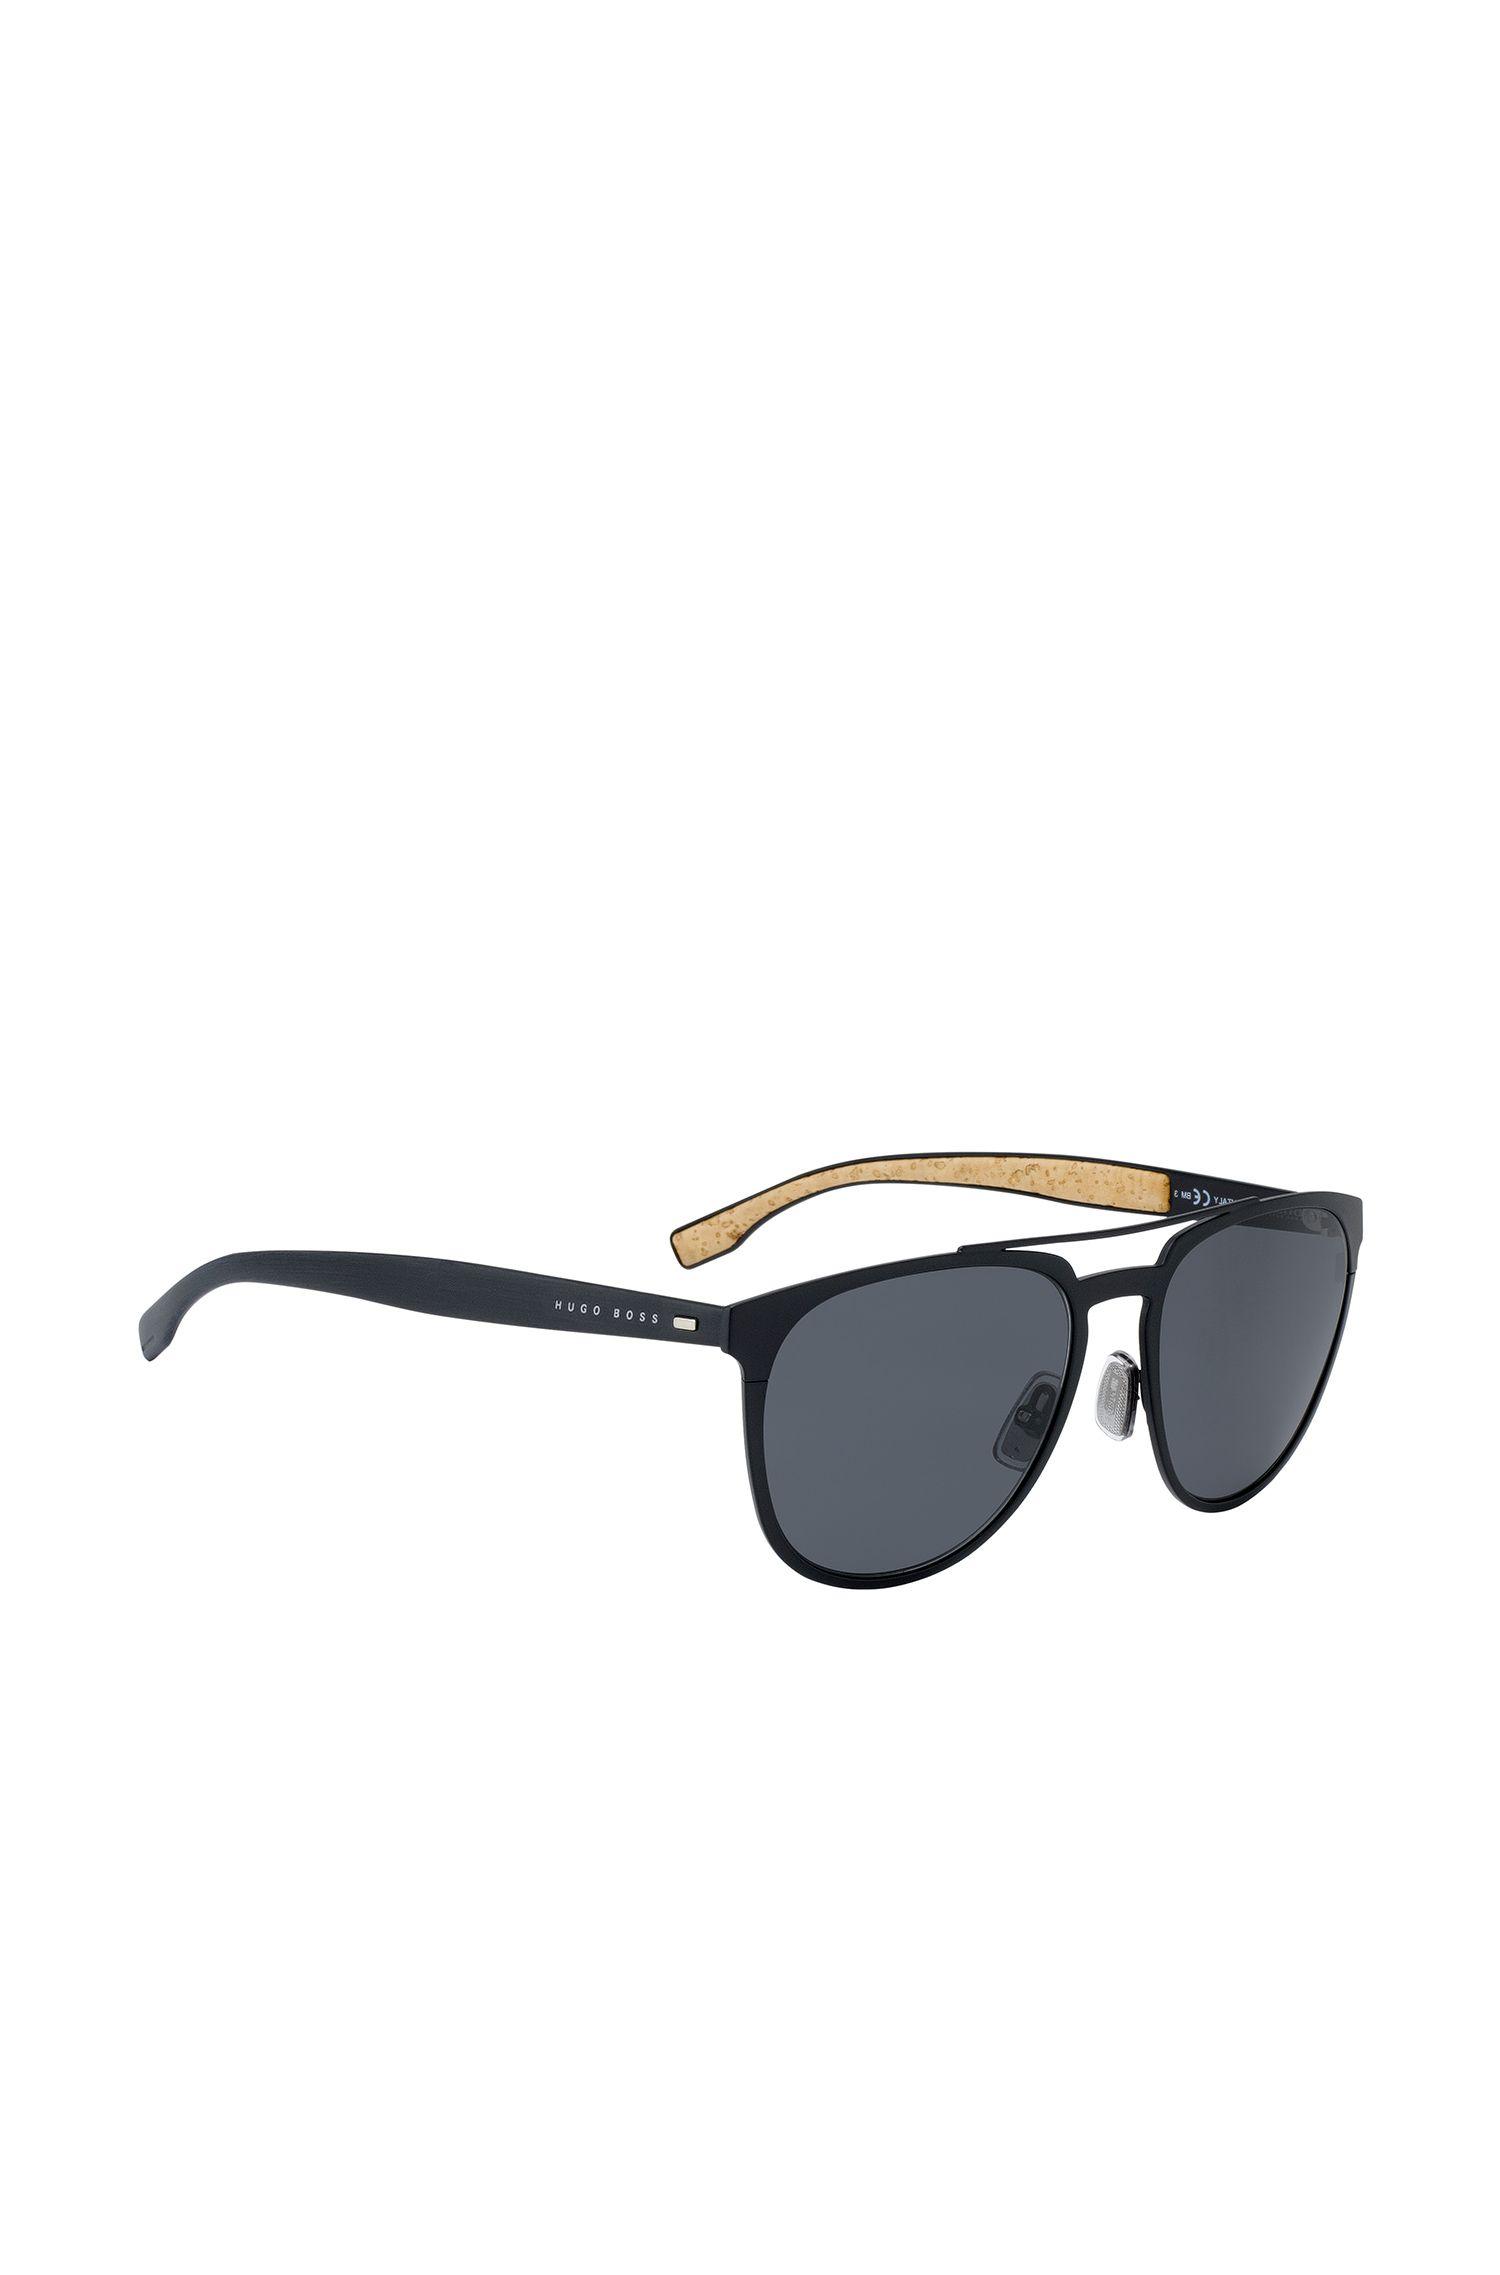 'BOSS 0882S'   Dark Grey Metal Round Sunglasses